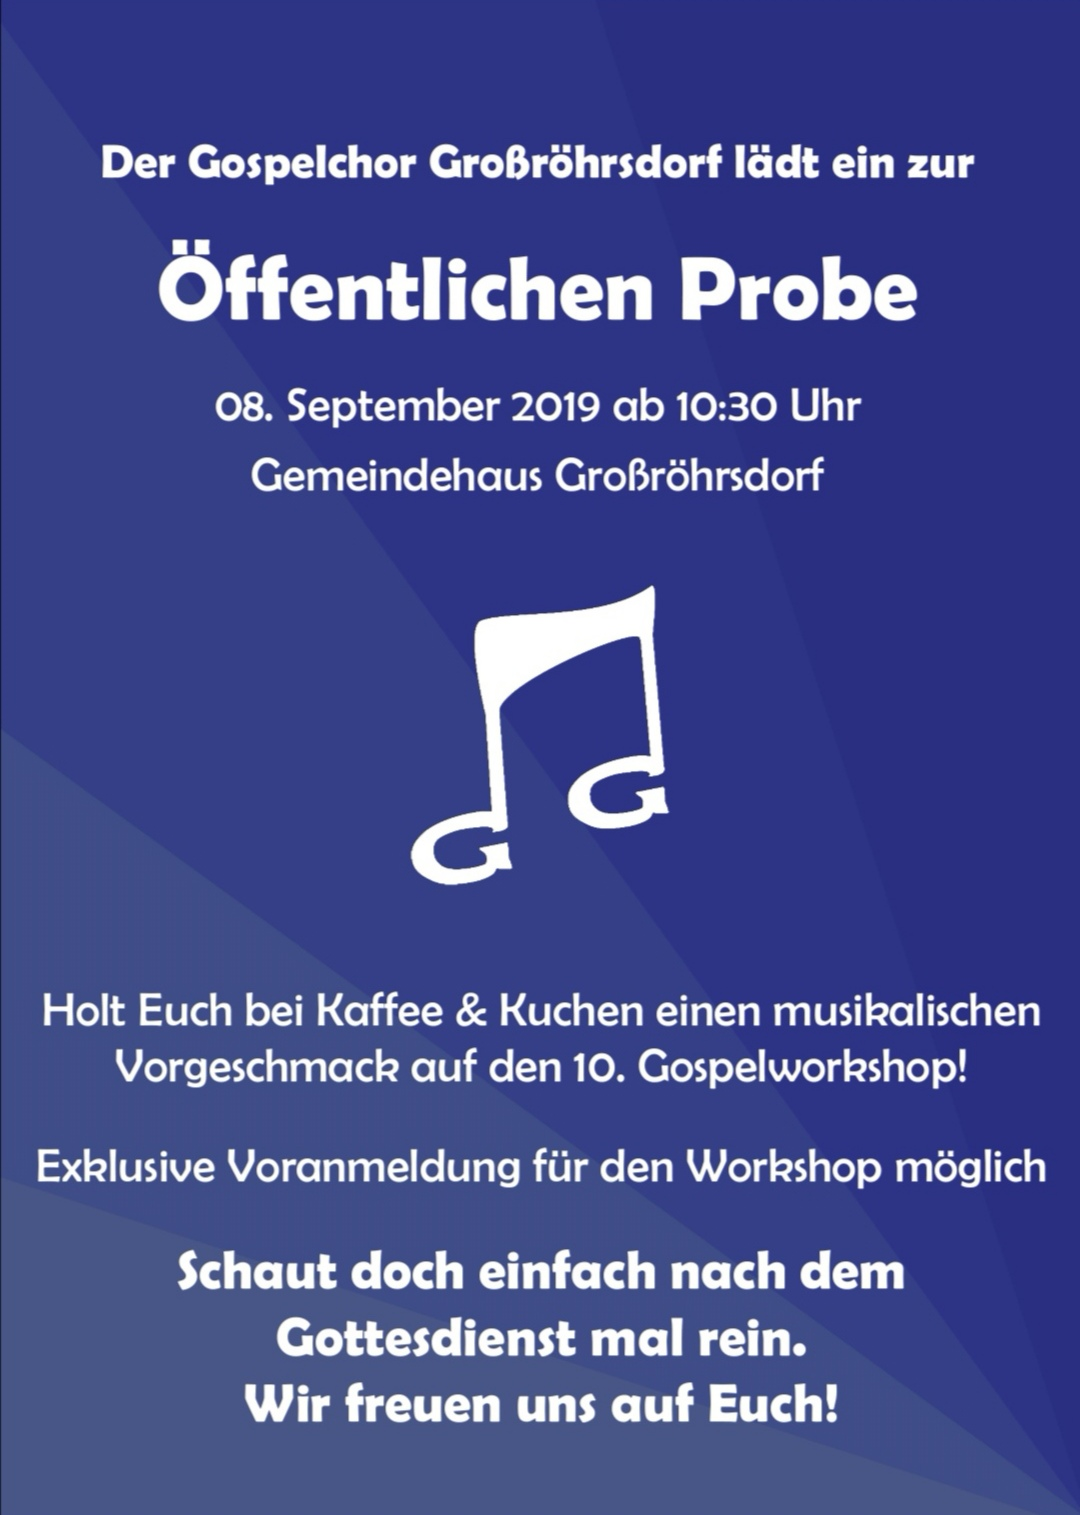 Öffentliche Probe @ Gemeindehaus Großröhrsdorf